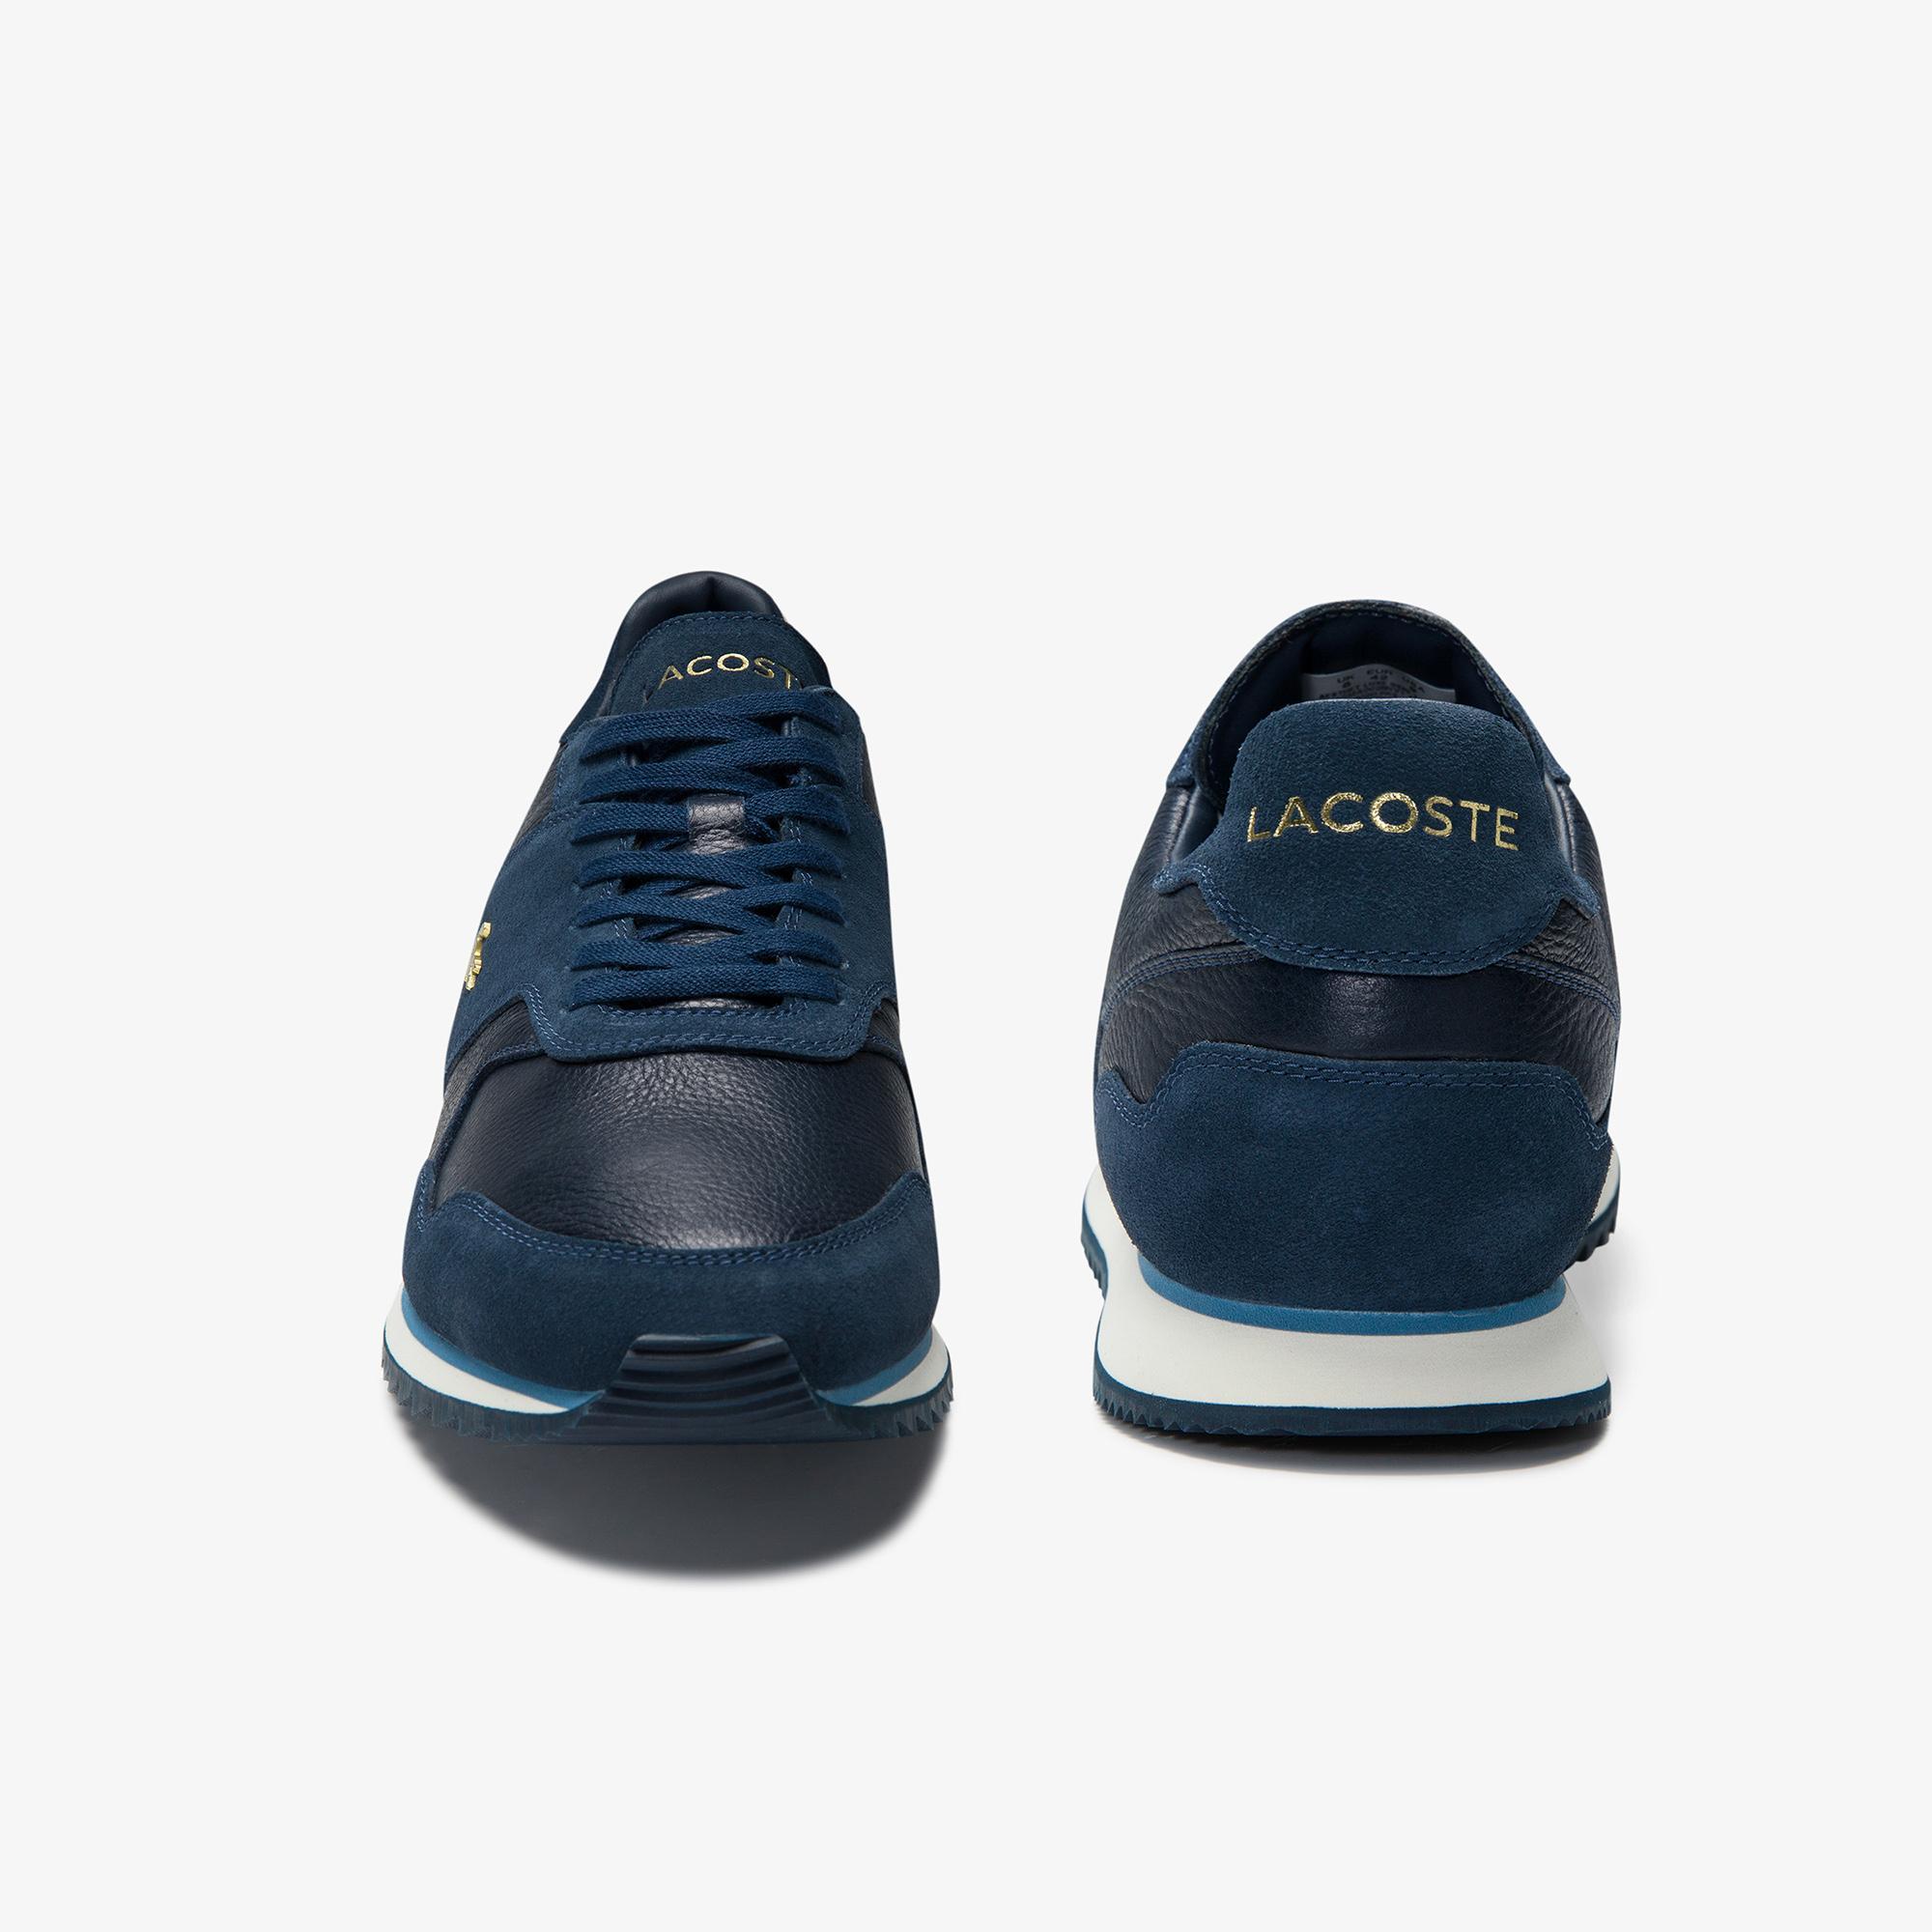 Lacoste кросівки чоловічі Aesthet Luxe